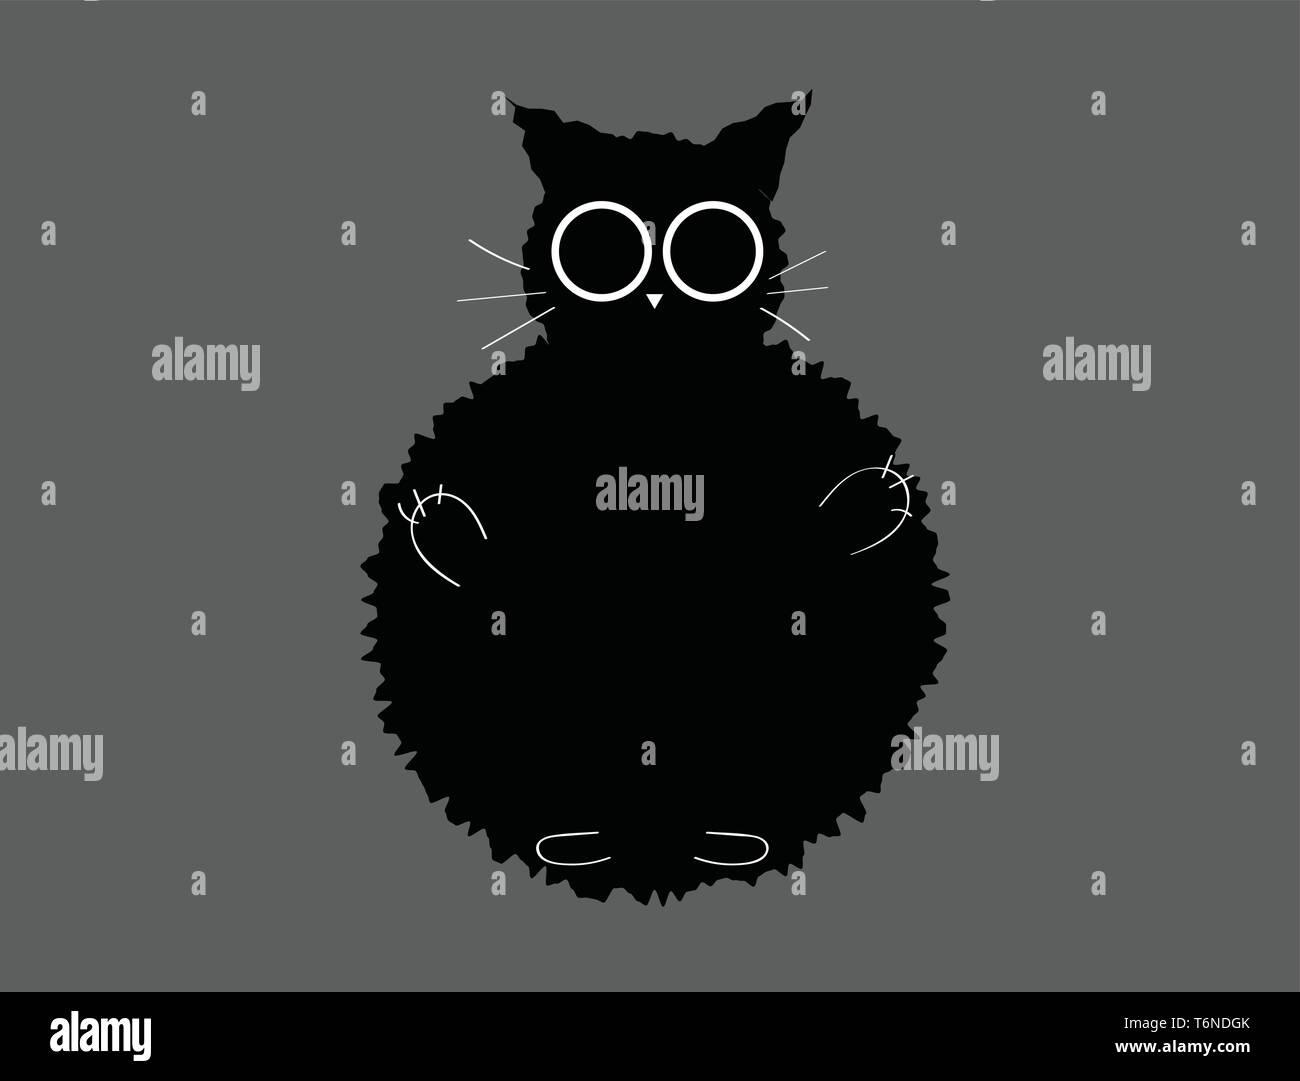 Retrato de un negro peludo gato con orejas cortas bigotes blancos triángulo invertido-como la nariz blancas manos y piernas sobre un fondo gris vector col Ilustración del Vector